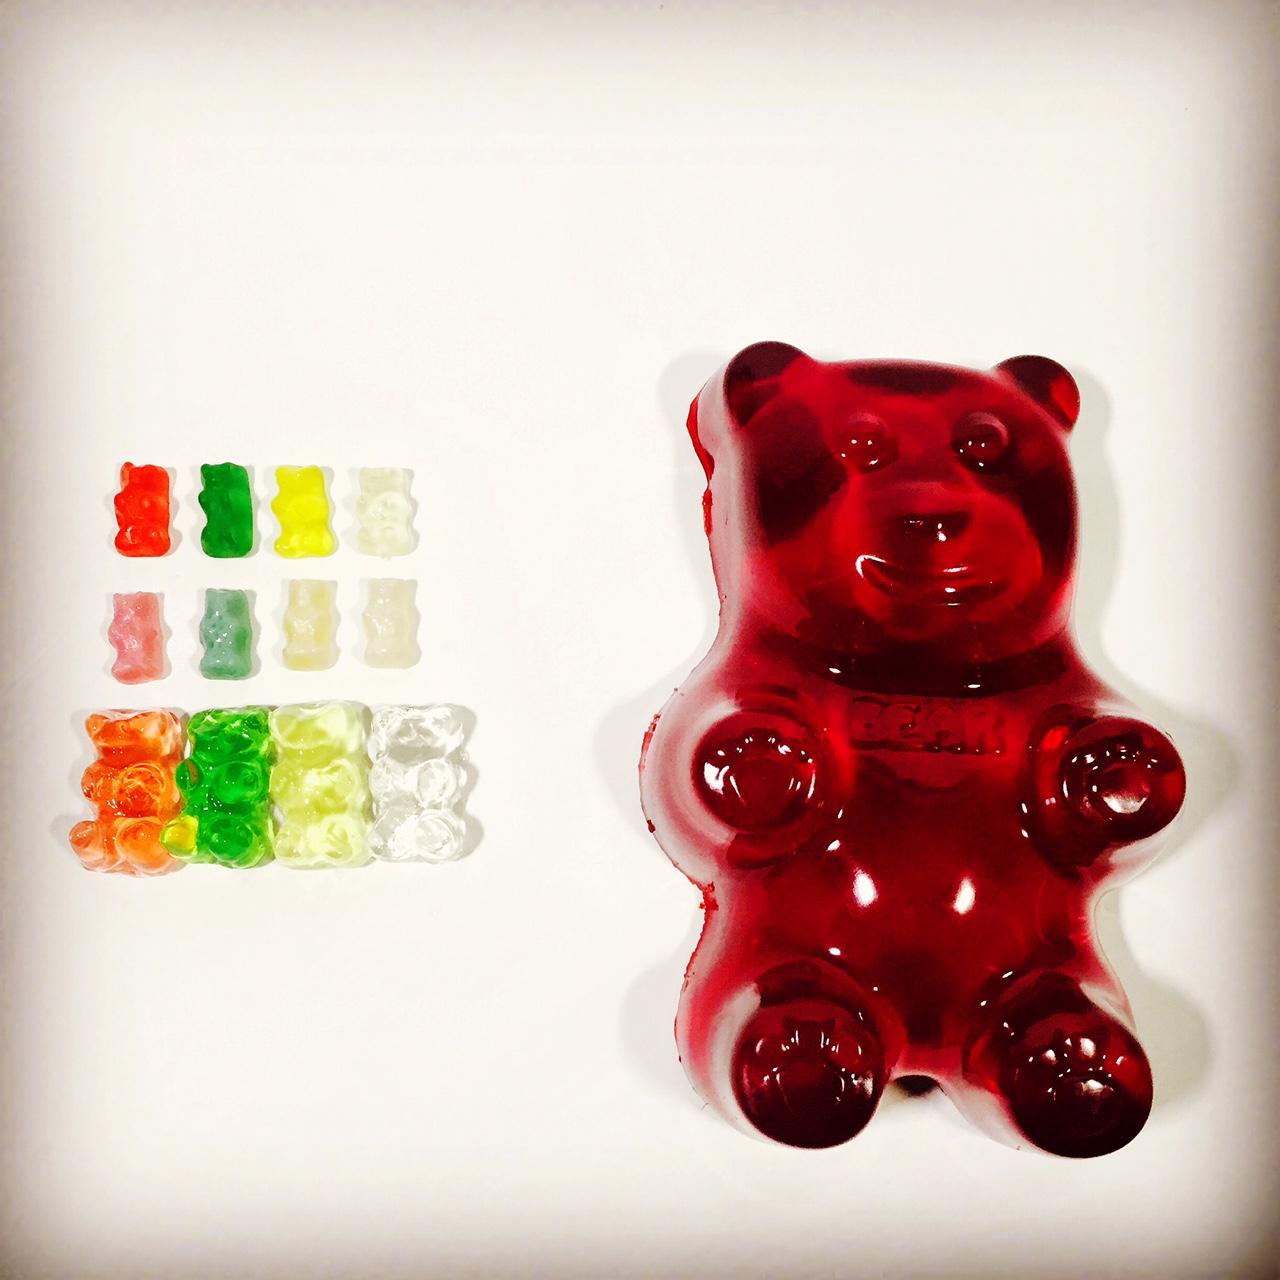 Gummy Bear Grow Experiment